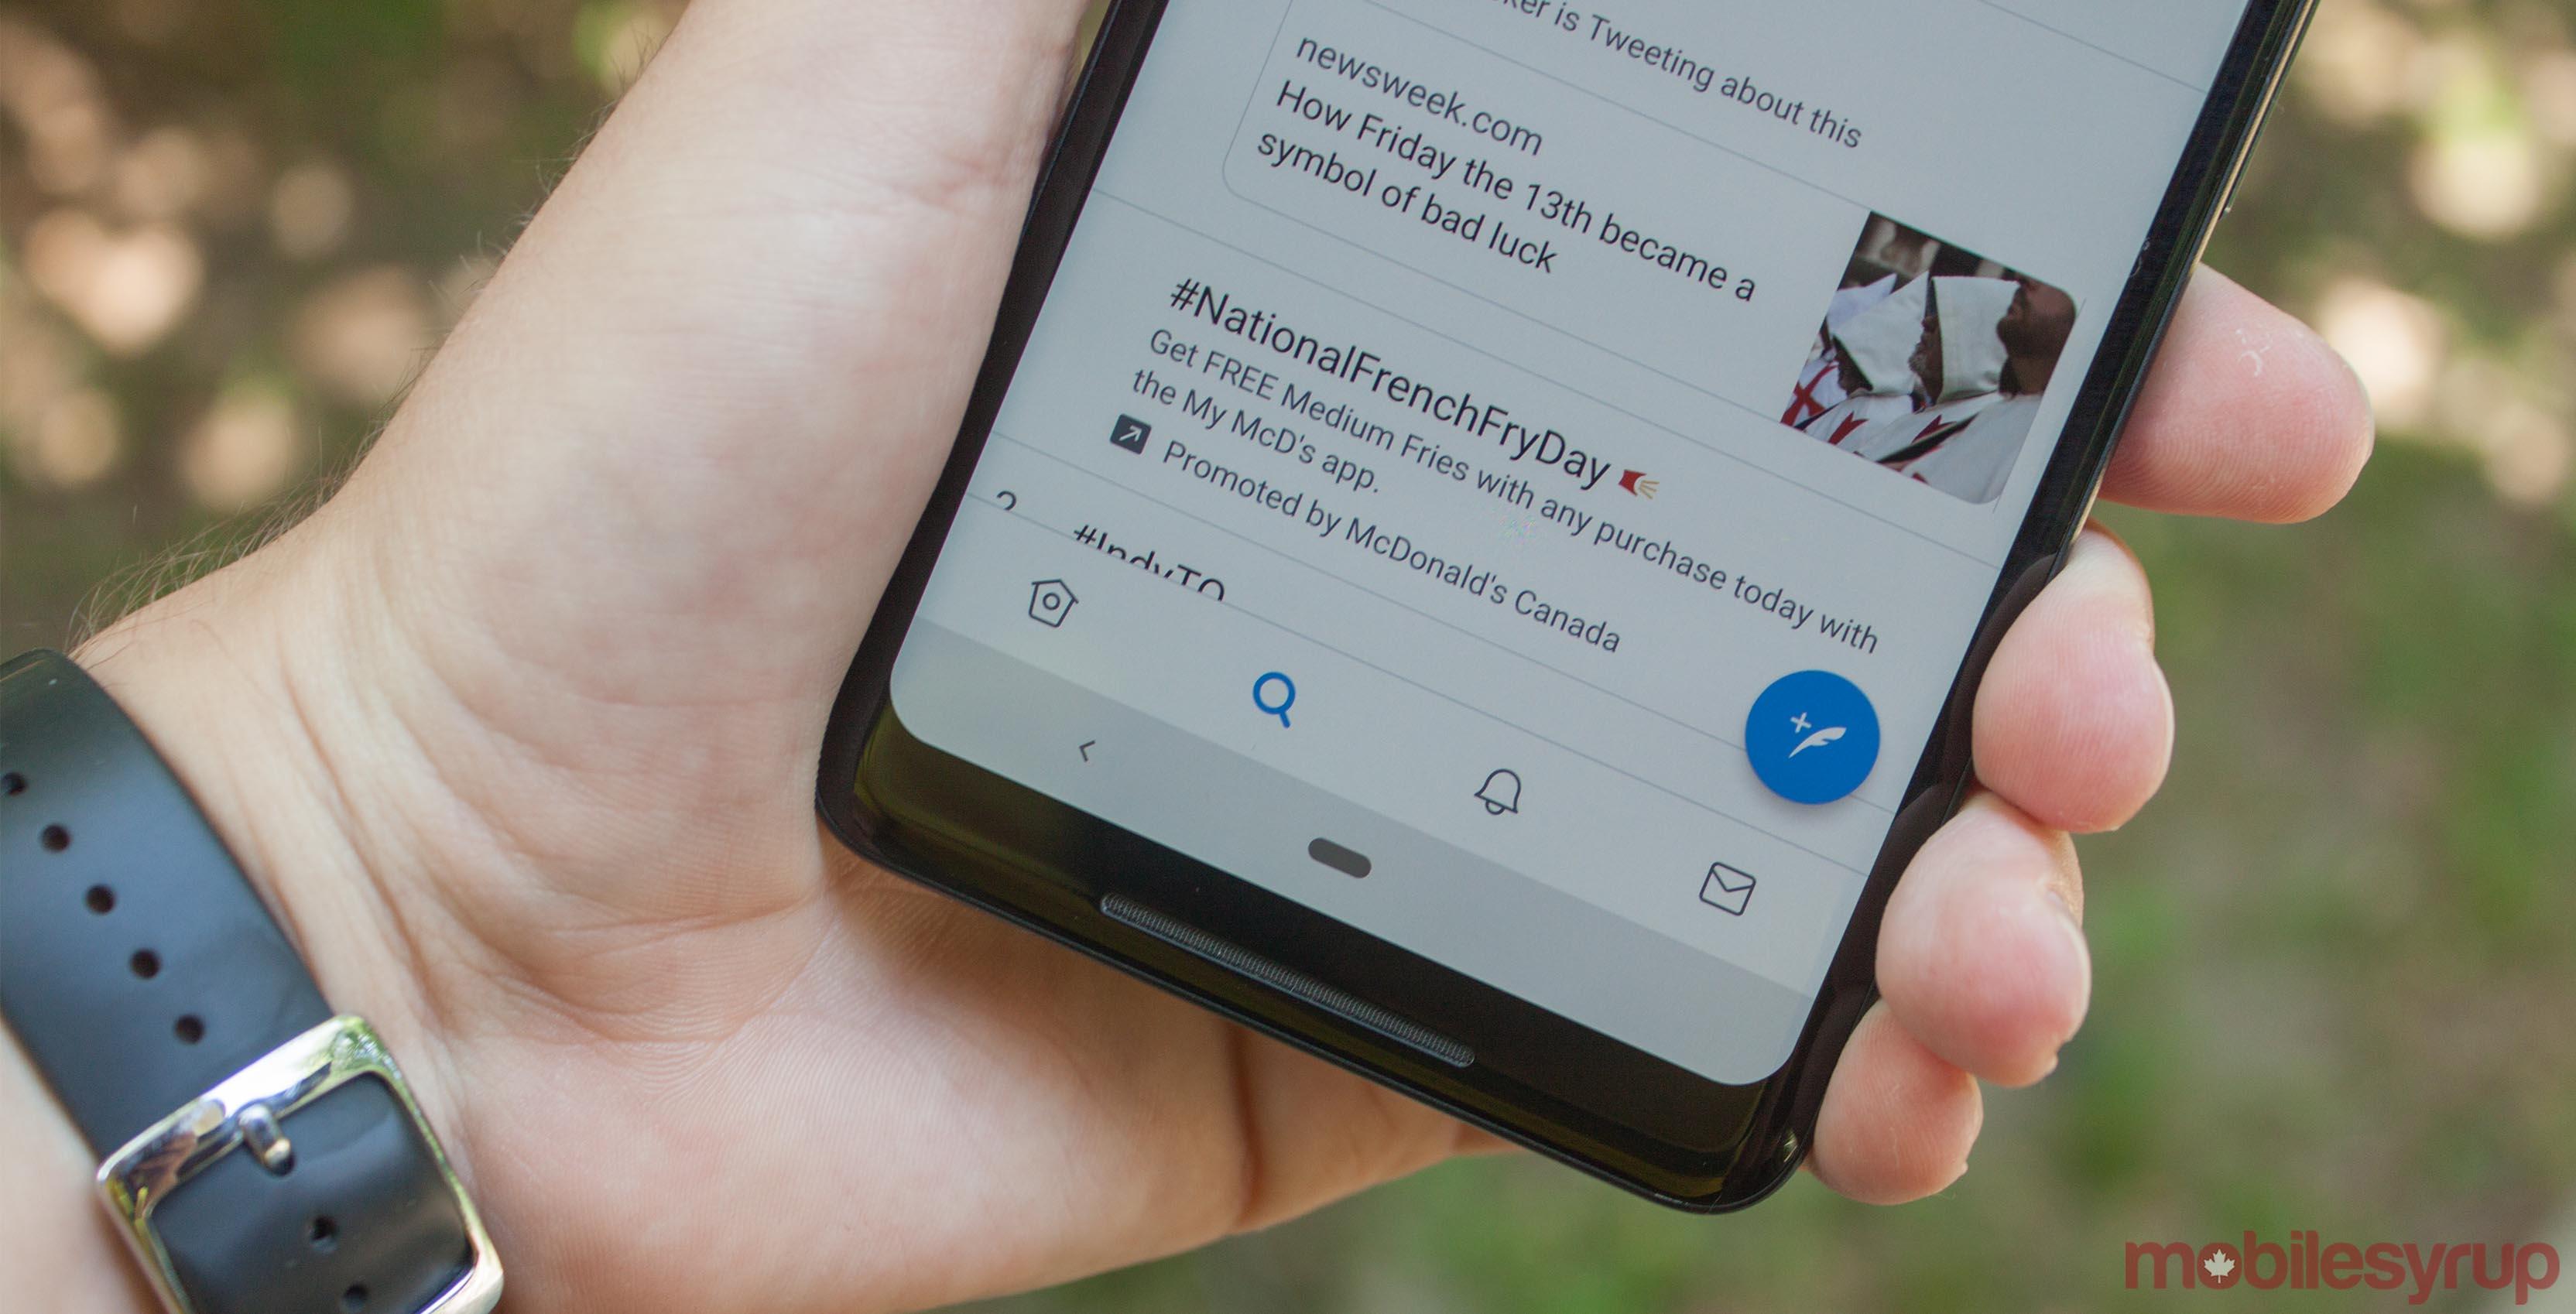 Twitter's bottom navigation bar on a Pixel 2 XL